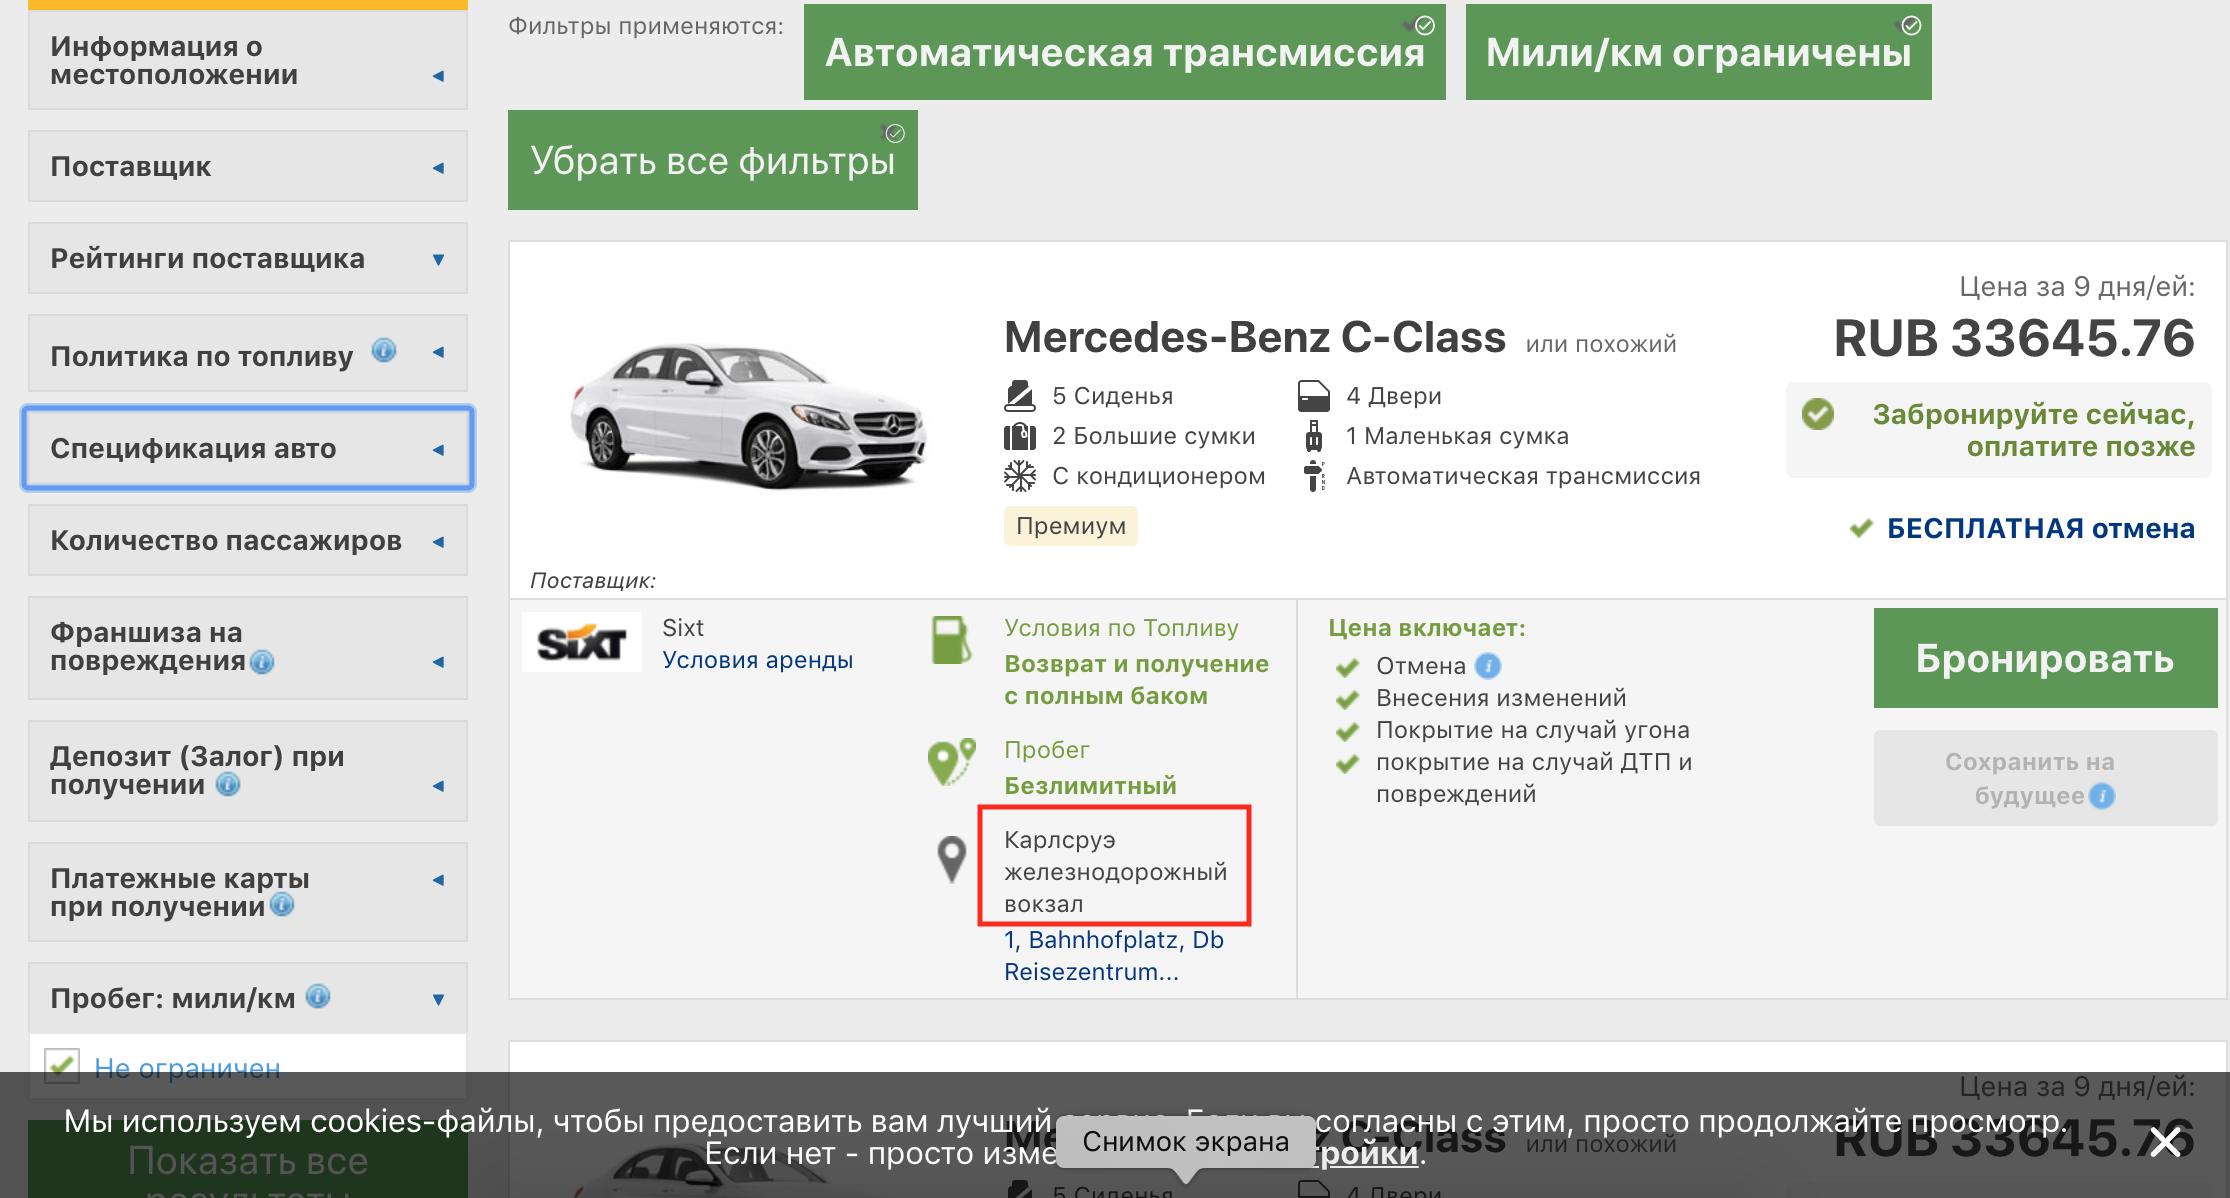 Возмещения залога при аренде автомобиля карта всех автосалонов в москве